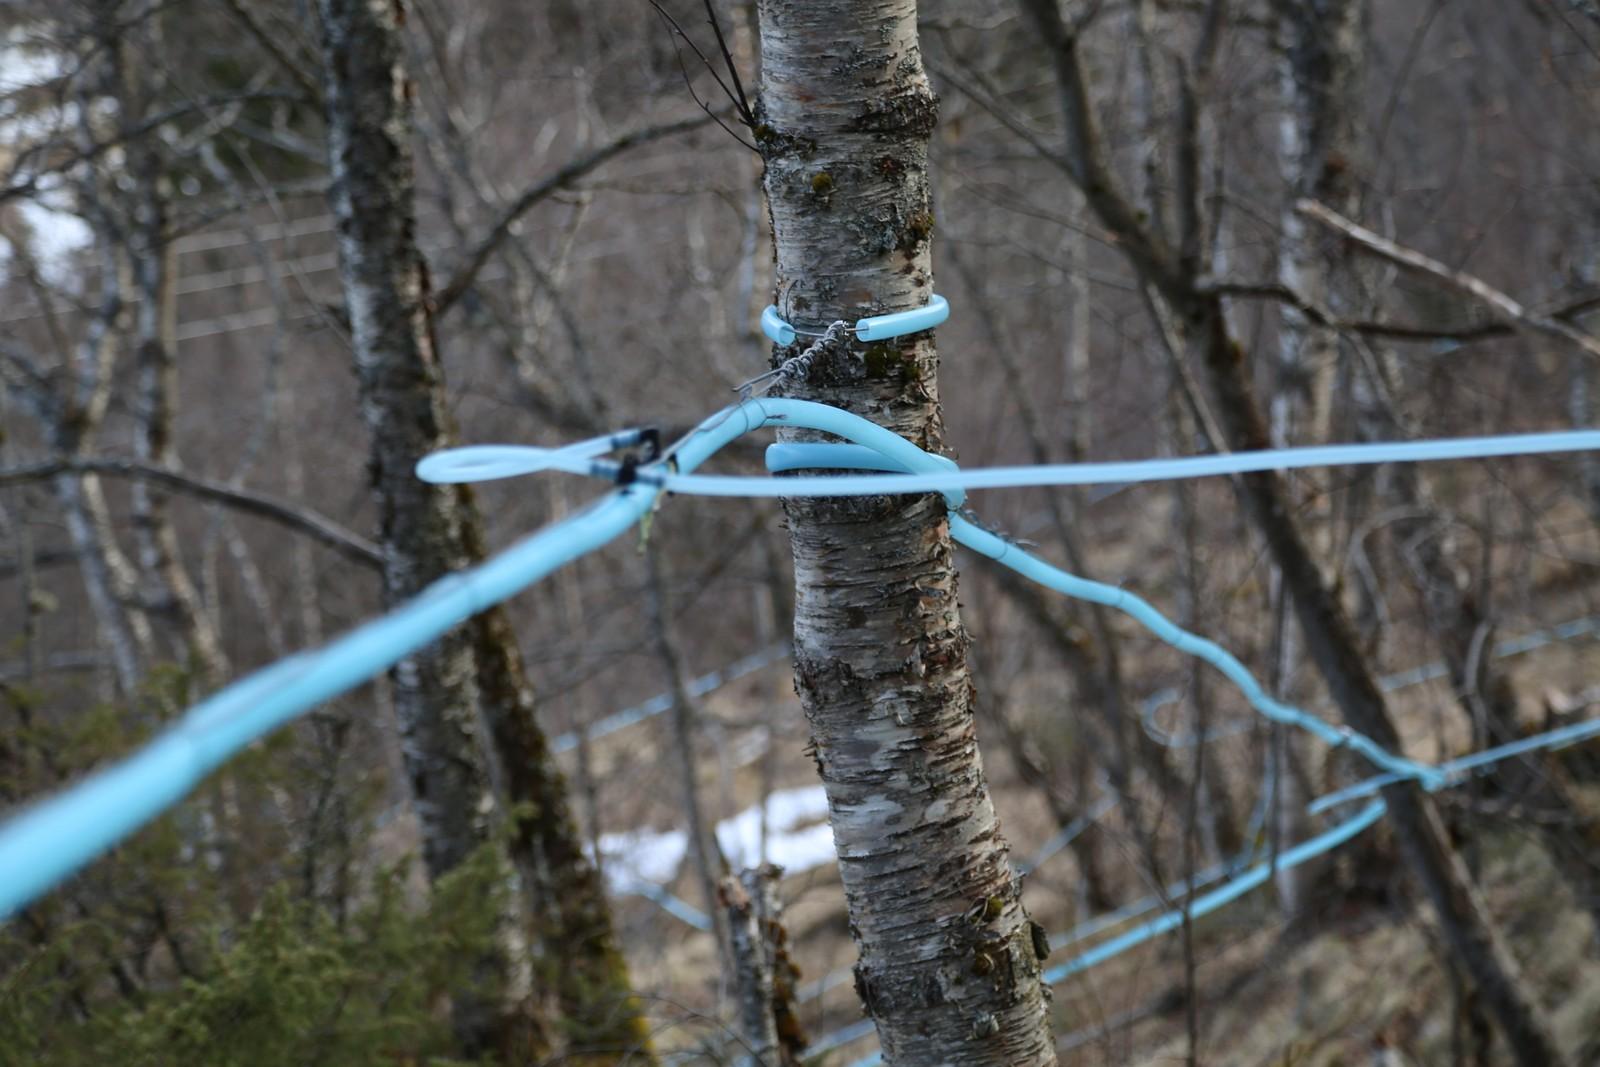 Over én mil med slanger har Vik montert i bjørkeskogen like bak gården i Saltdal.